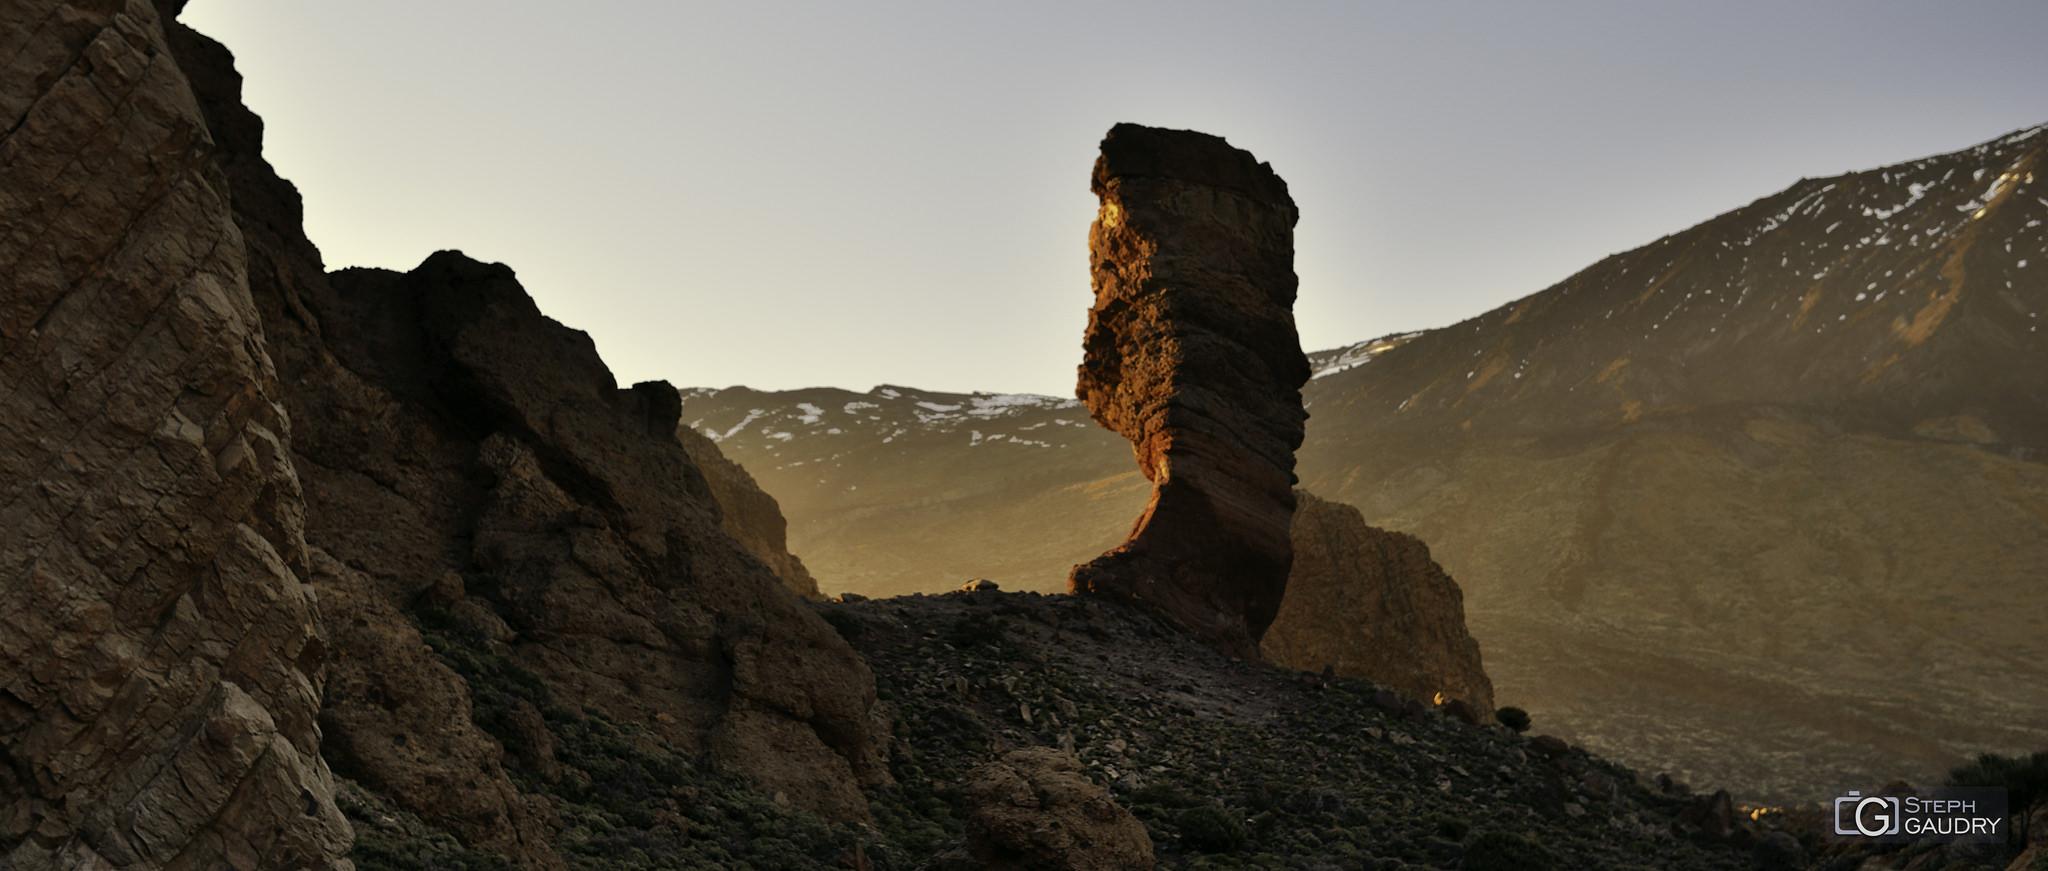 Coucher de soleil sur le Roque Cinchado [Cliquez pour lancer le diaporama]